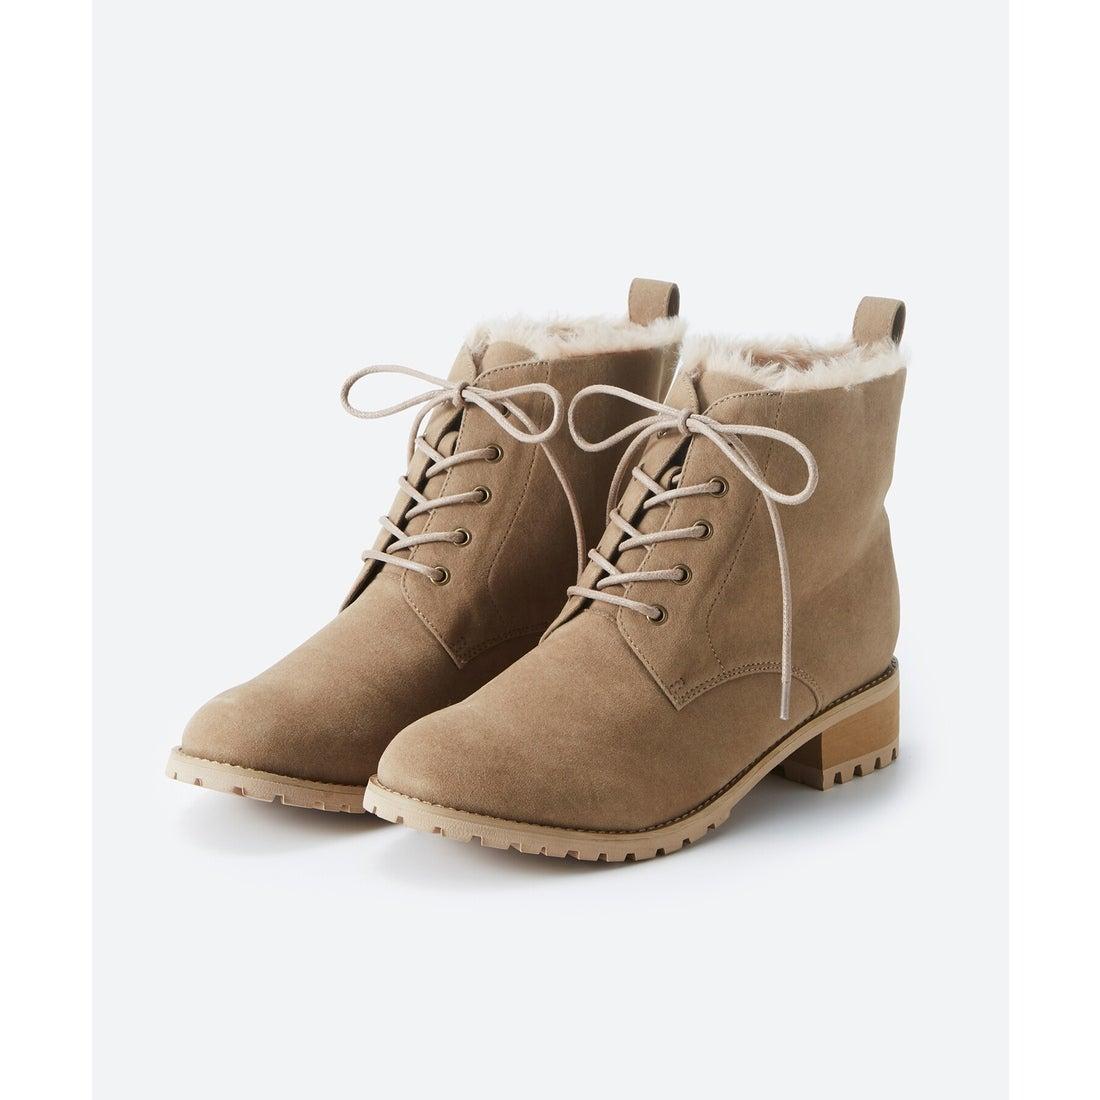 ロコンド 靴とファッションの通販サイトhaco! あったか&かわいいを叶えてくれる ふわふわ編み上げブーツ(ベージュ)